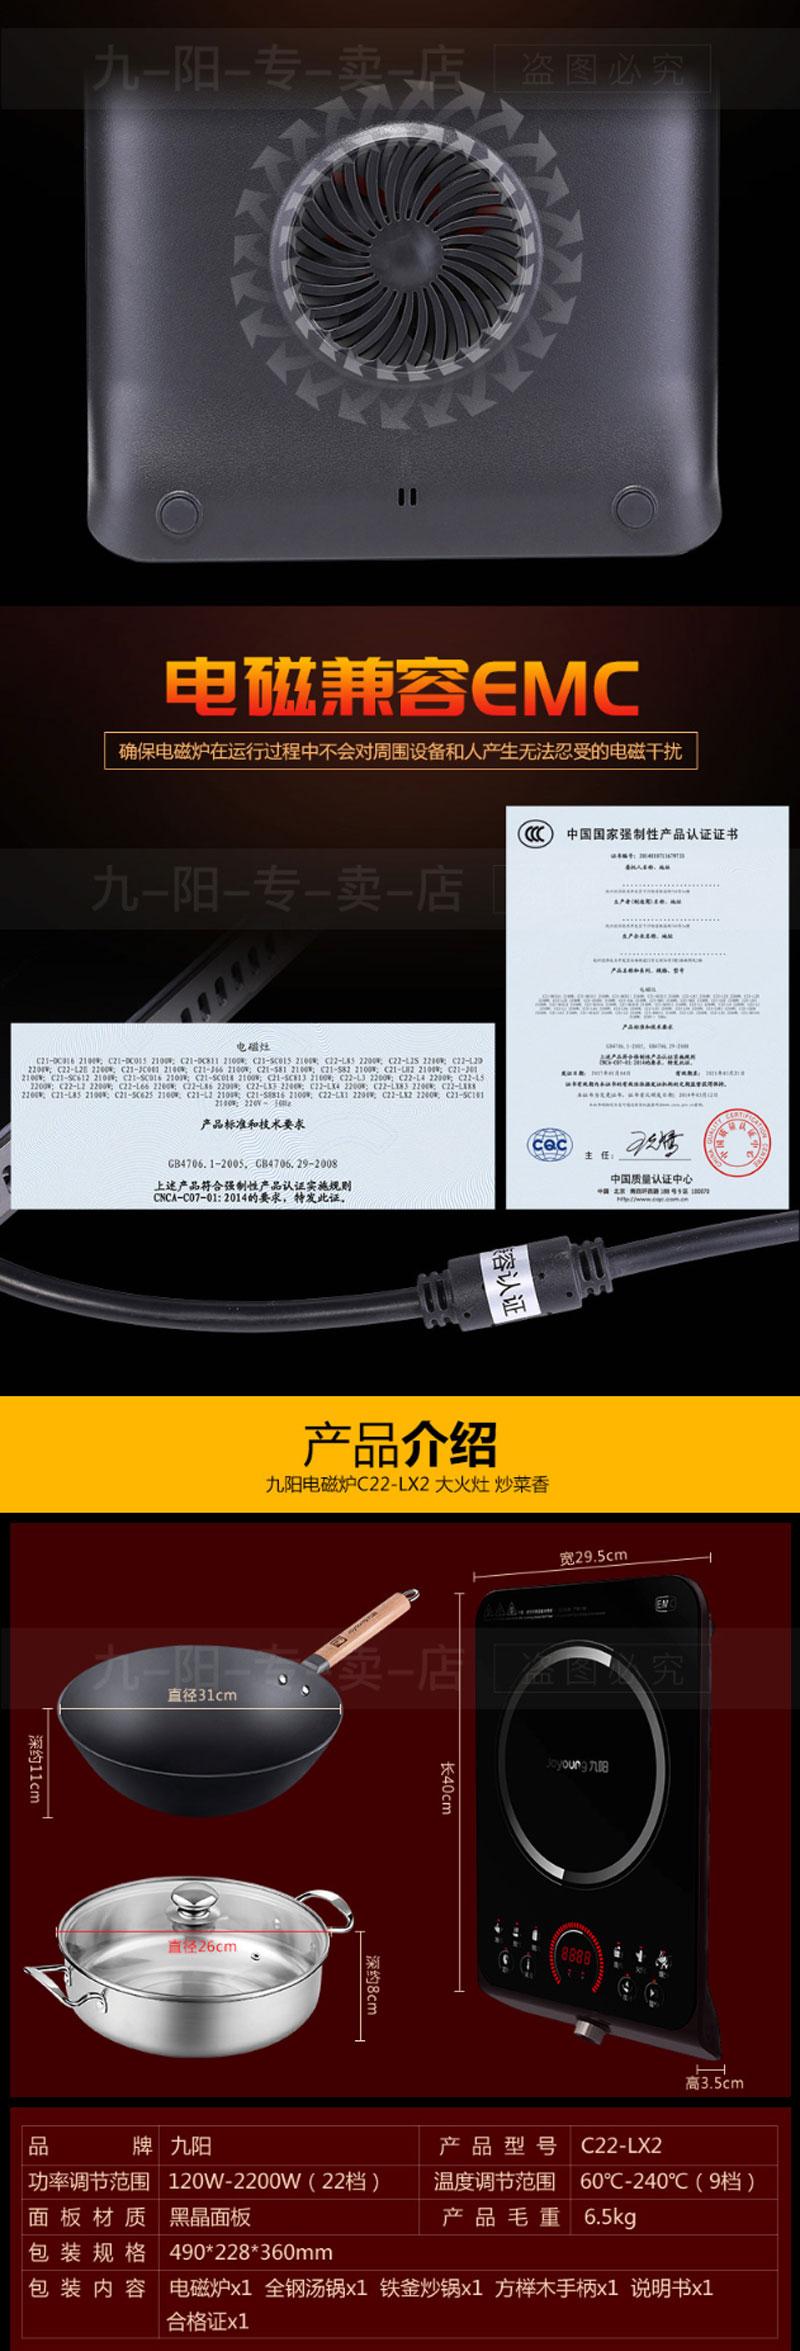 九阳(Joyoung) C22-LX2电磁炉大功率炫酷旋控电磁灶家用